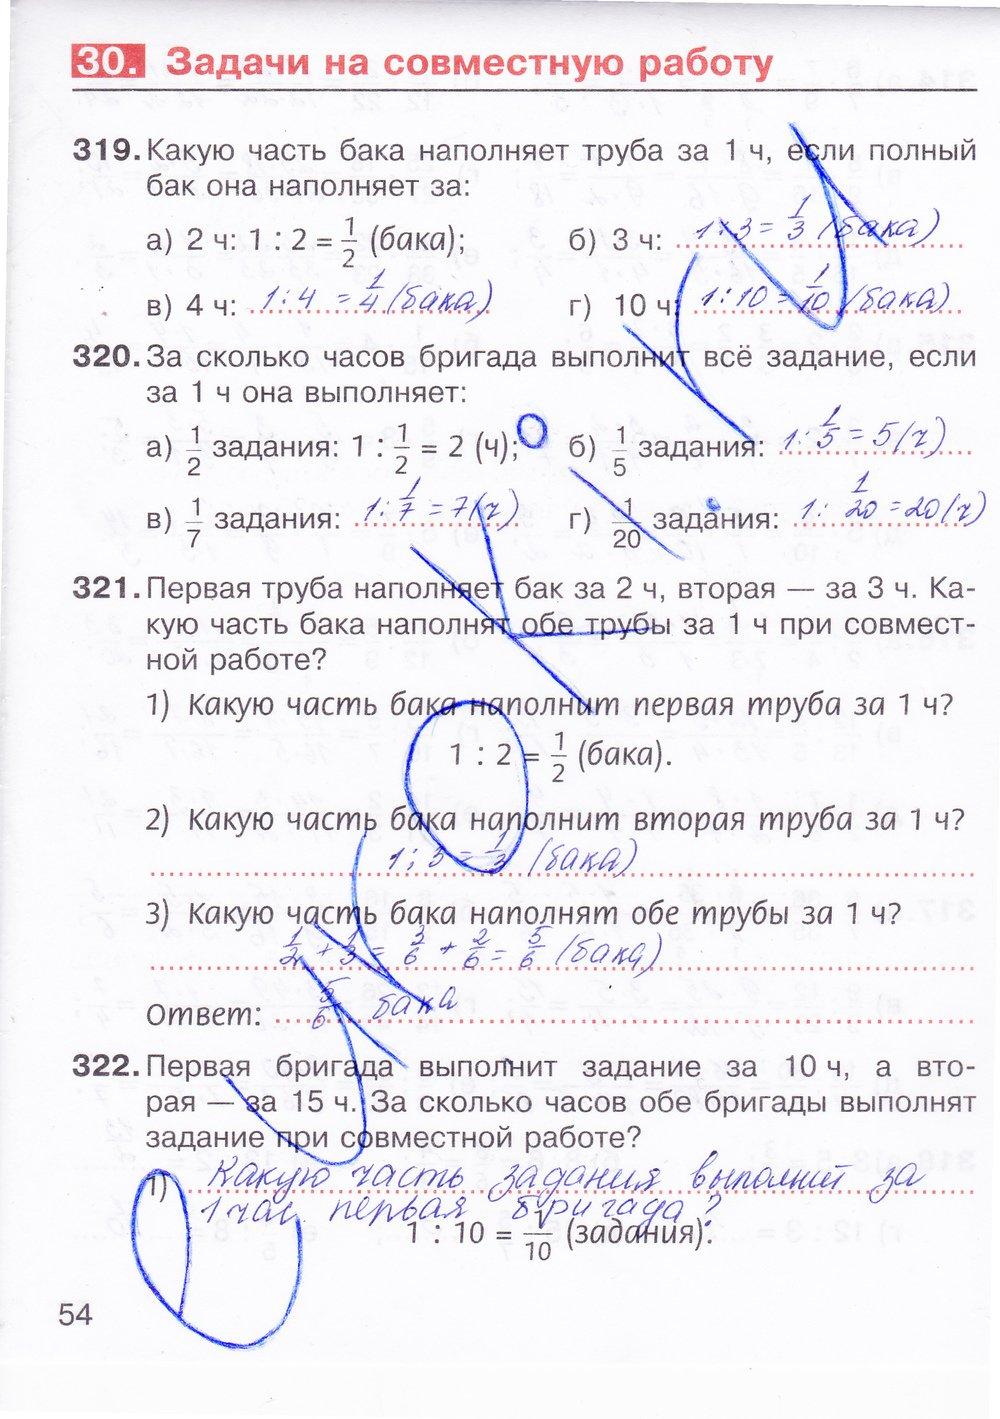 Гдз по математике 5 класс никольский рабочая тетрадь 1 2 часть